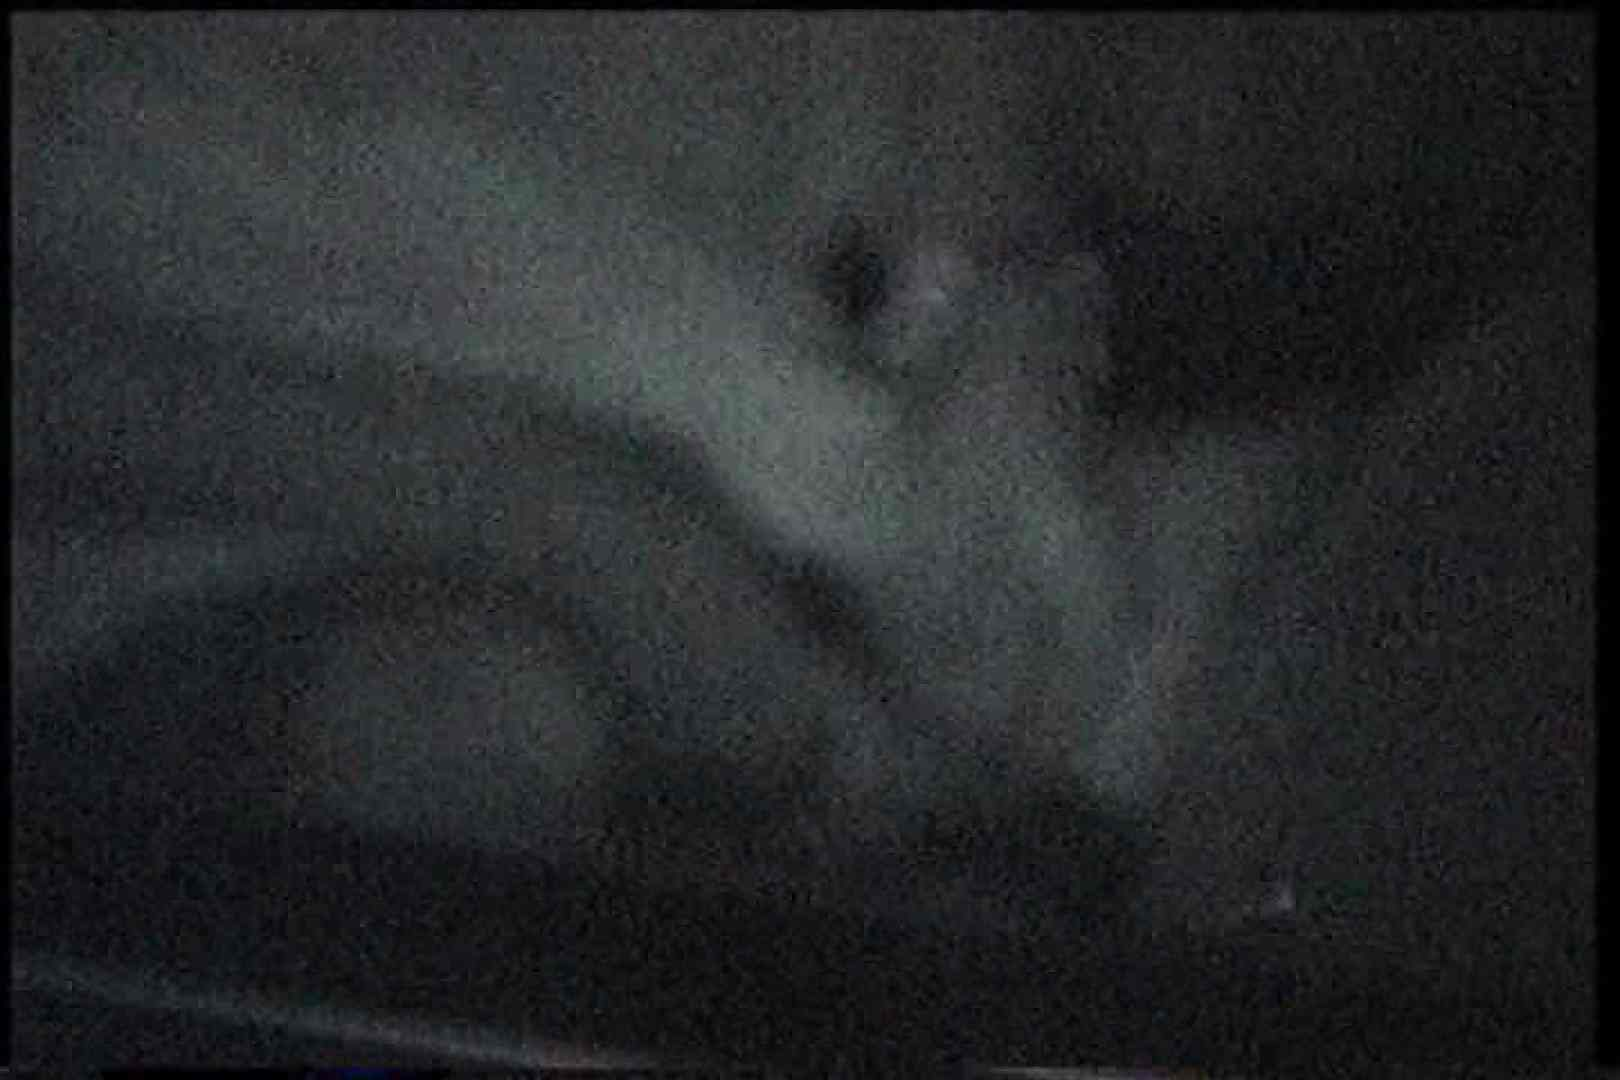 「充血監督」さんの深夜の運動会!! vol.163 フェラチオシーン すけべAV動画紹介 110pic 14